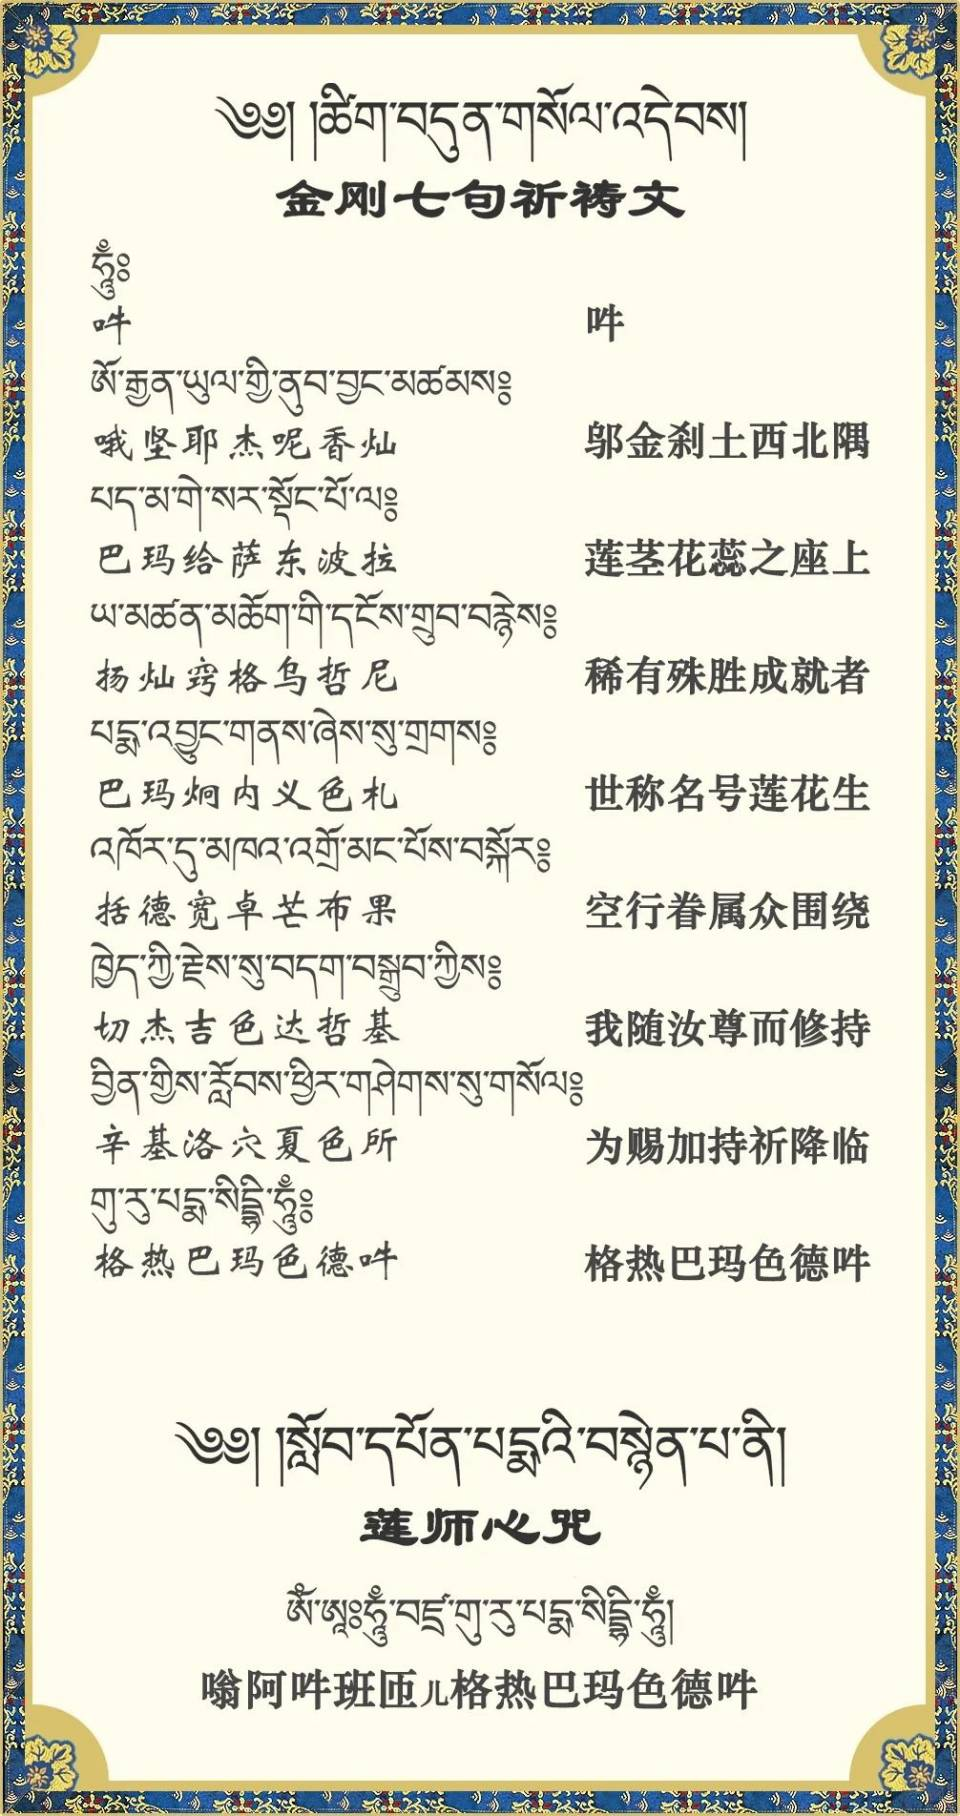 蓮師金剛七句祈禱\文 與 蓮師心咒.jpg